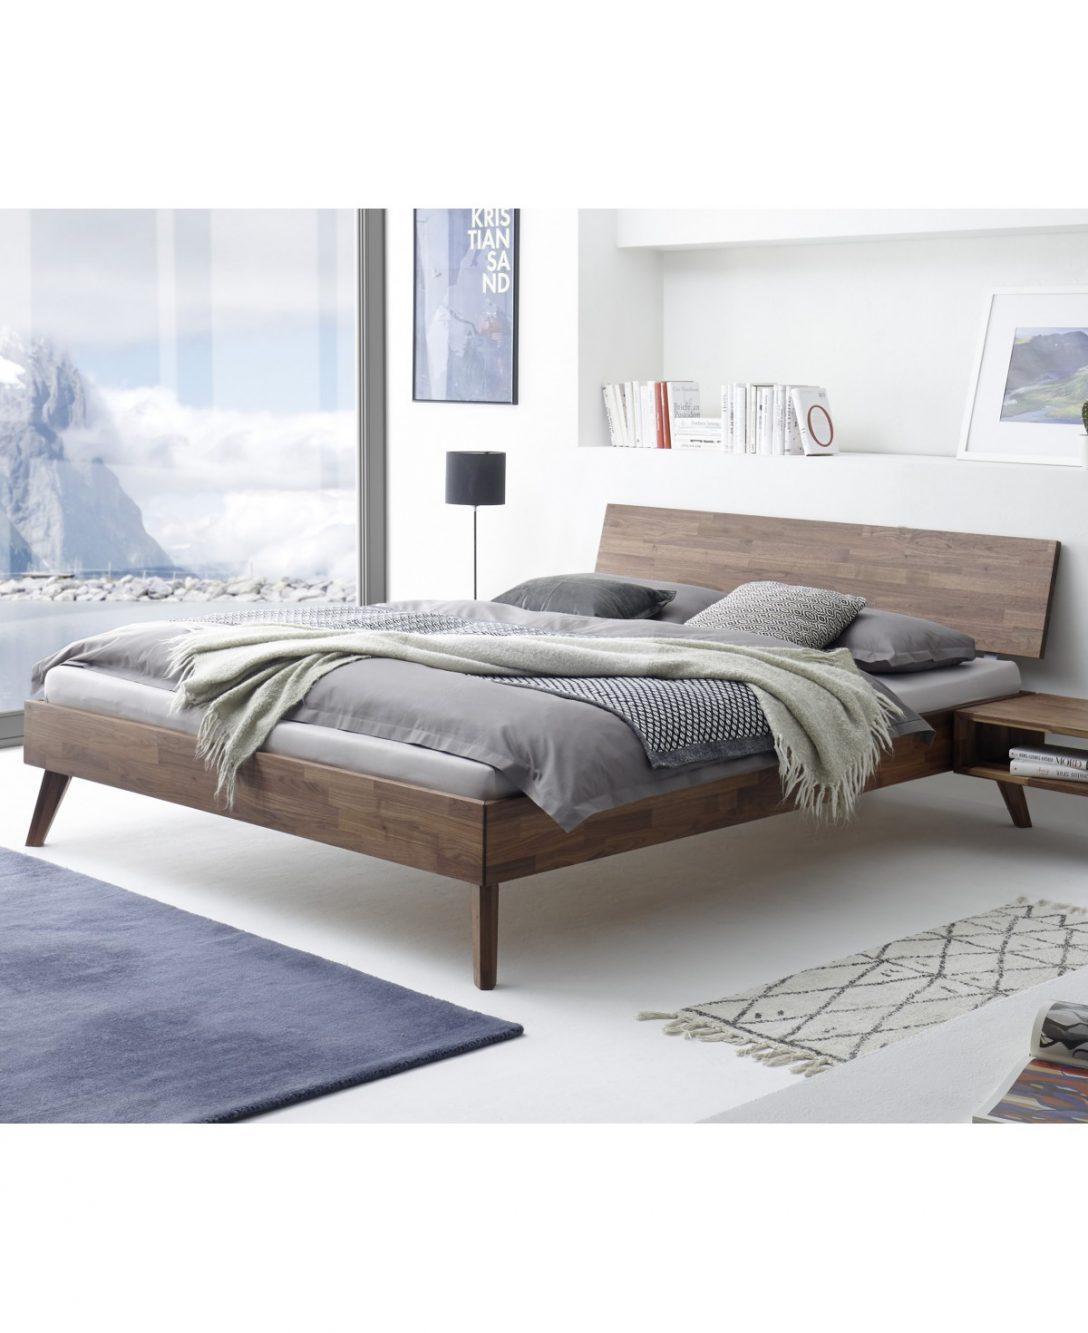 Large Size of Bett 90x200 Weiß Mit Schubladen Konfigurieren 160x200 Komplett Metall 180x200 Bettkasten Amazon Betten Günstig Bettwäsche Sprüche Weißes Designer Bett 180x200 Bett